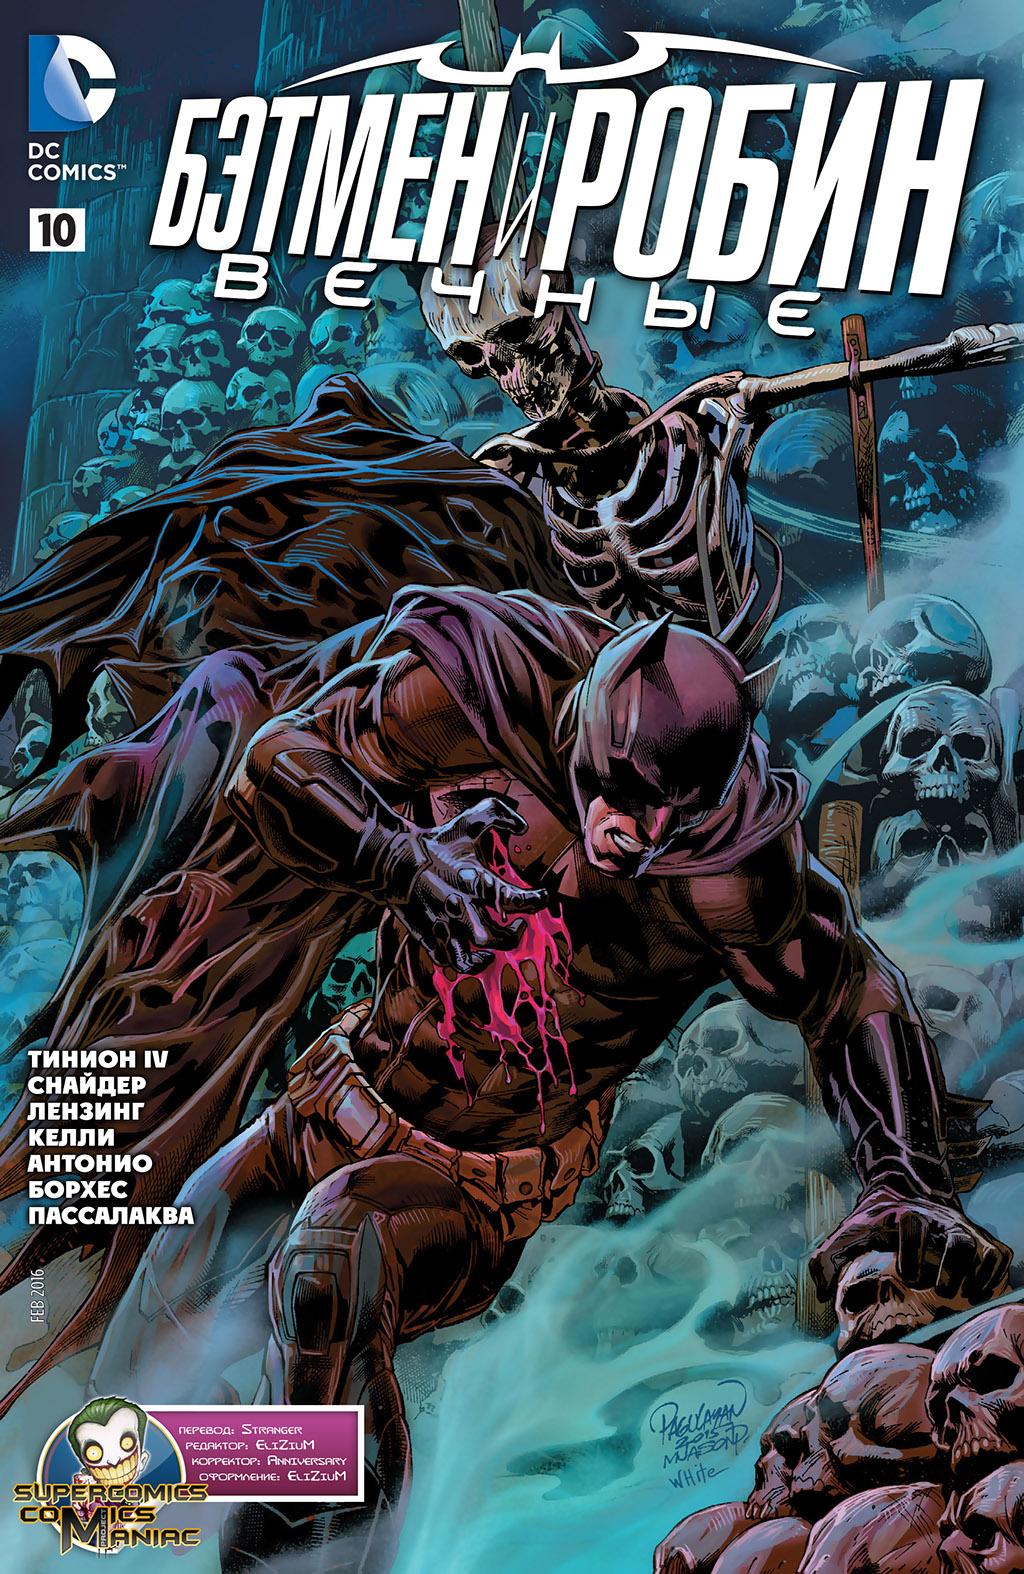 Комикс Бэтмен и Робин: Вечные